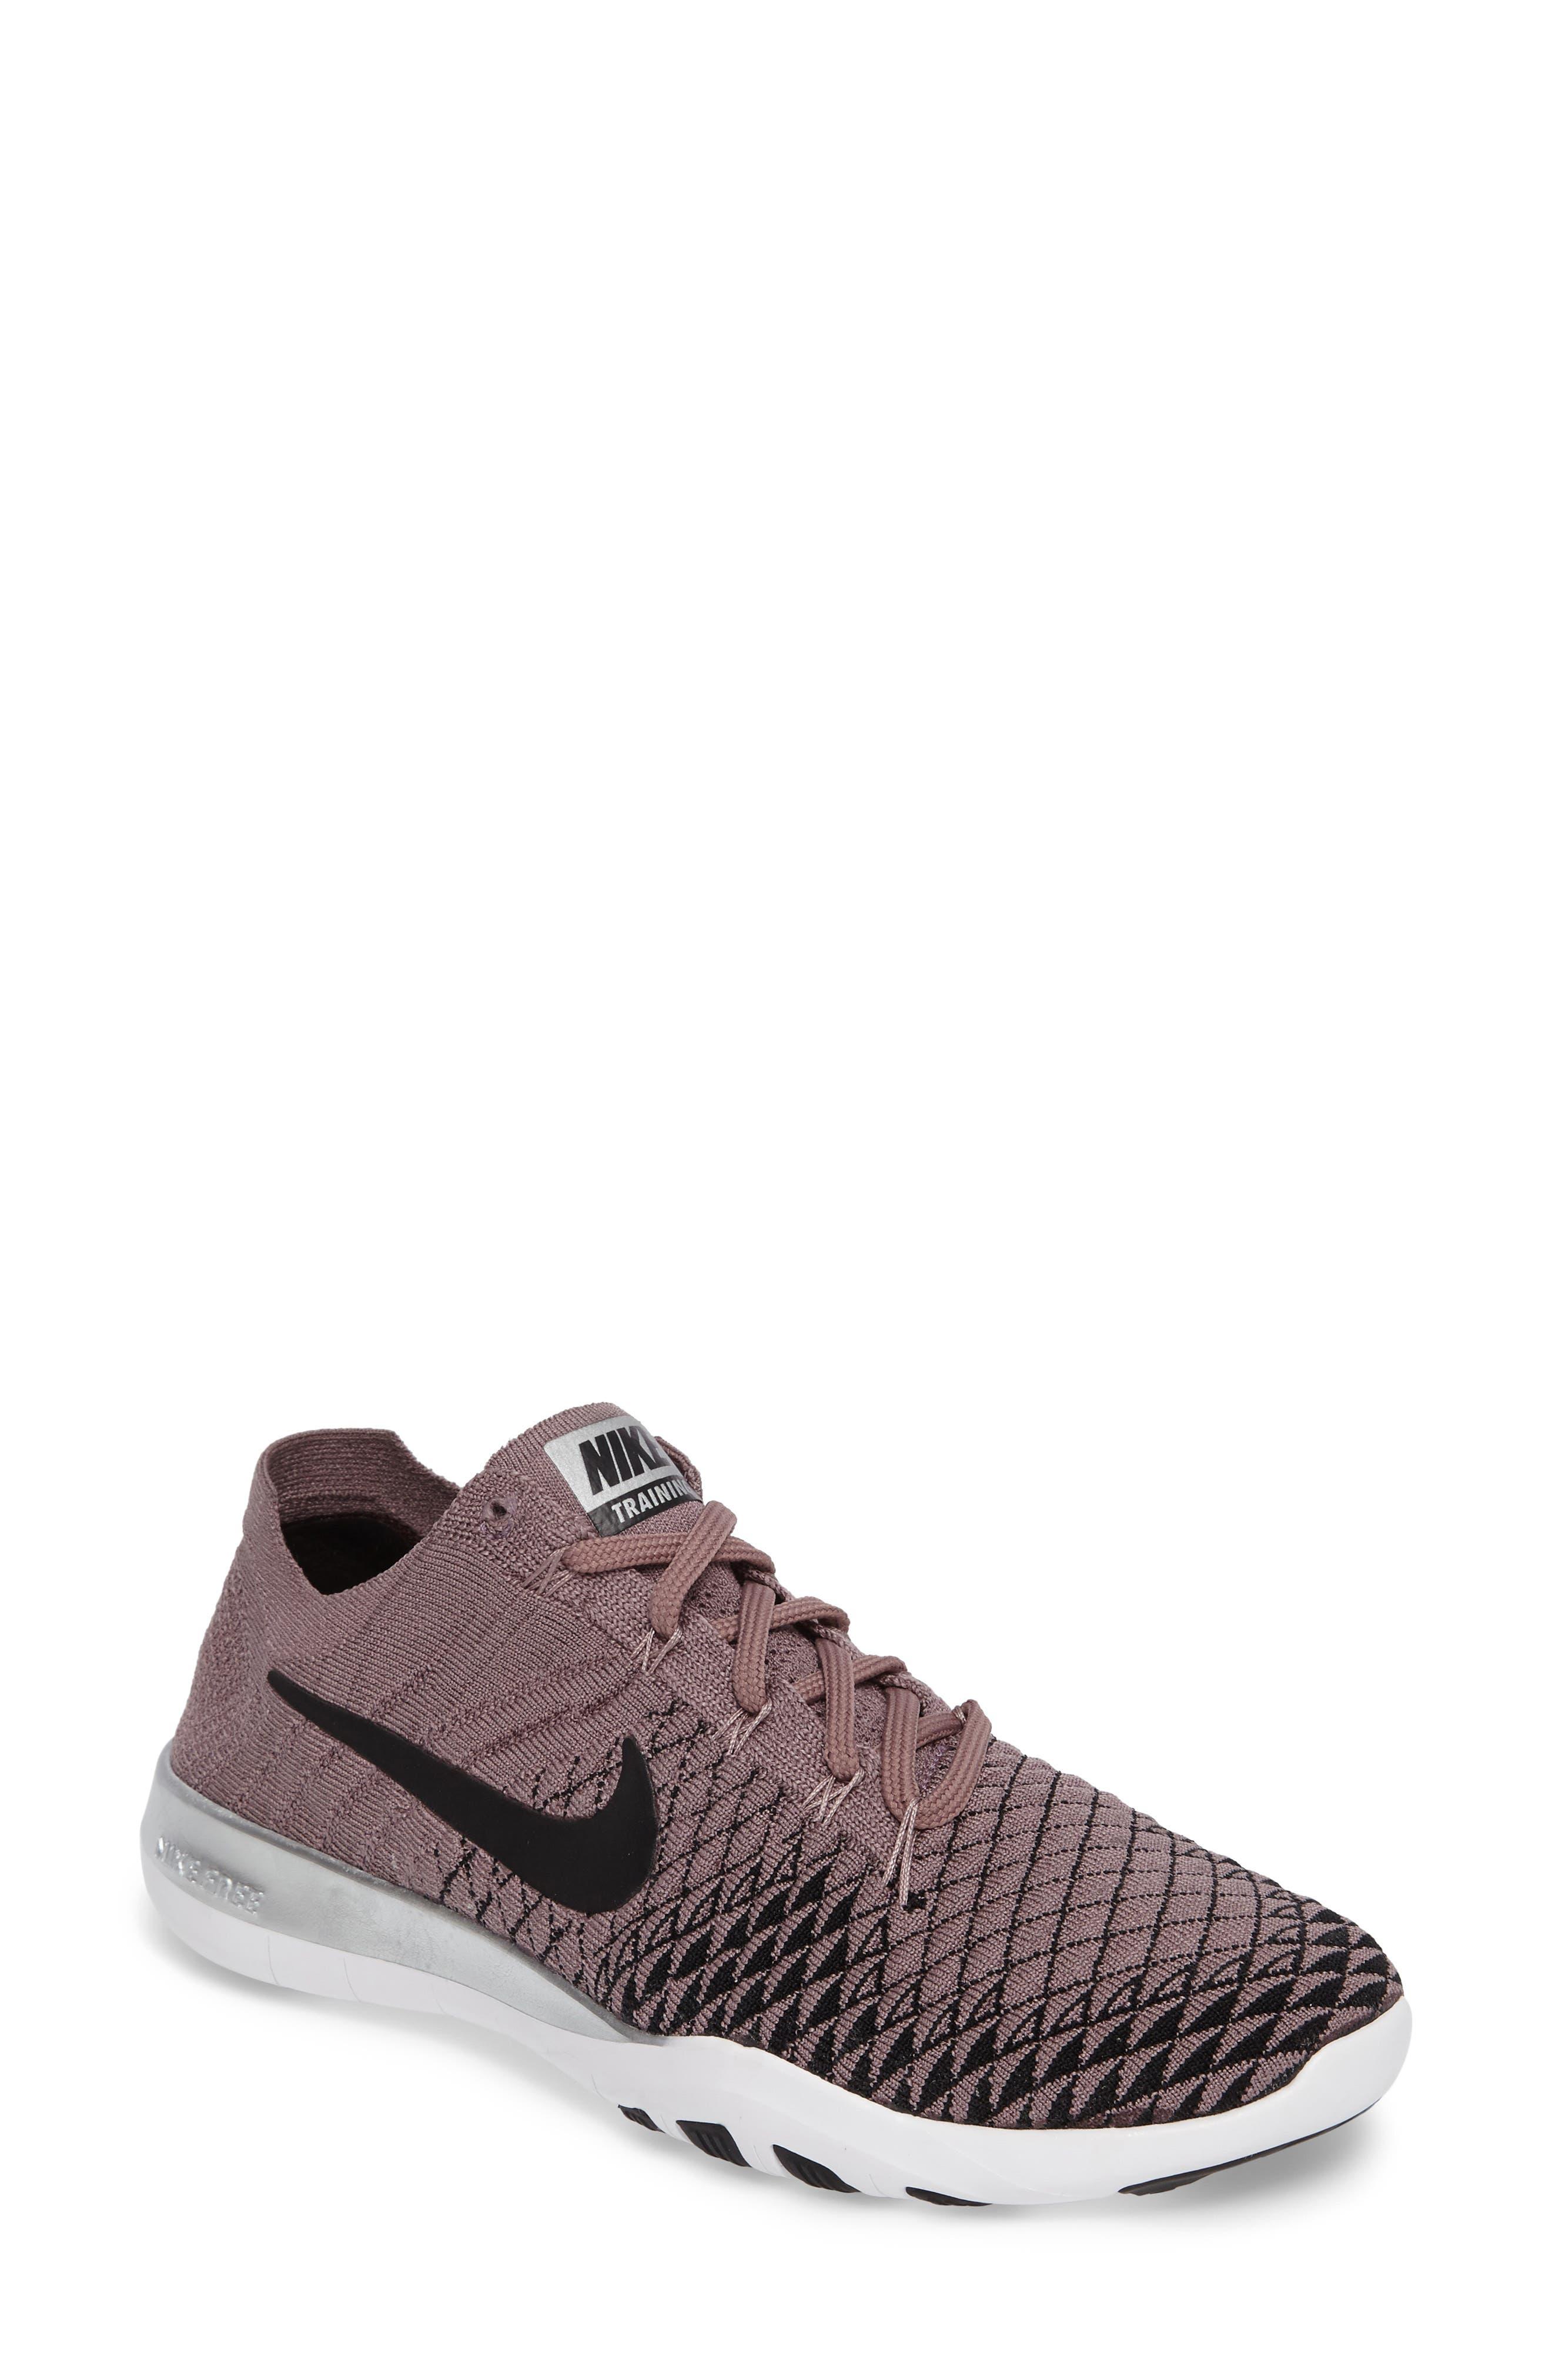 Main Image - Nike Free Focus Flyknit 2 Bionic Training Shoe (Women)